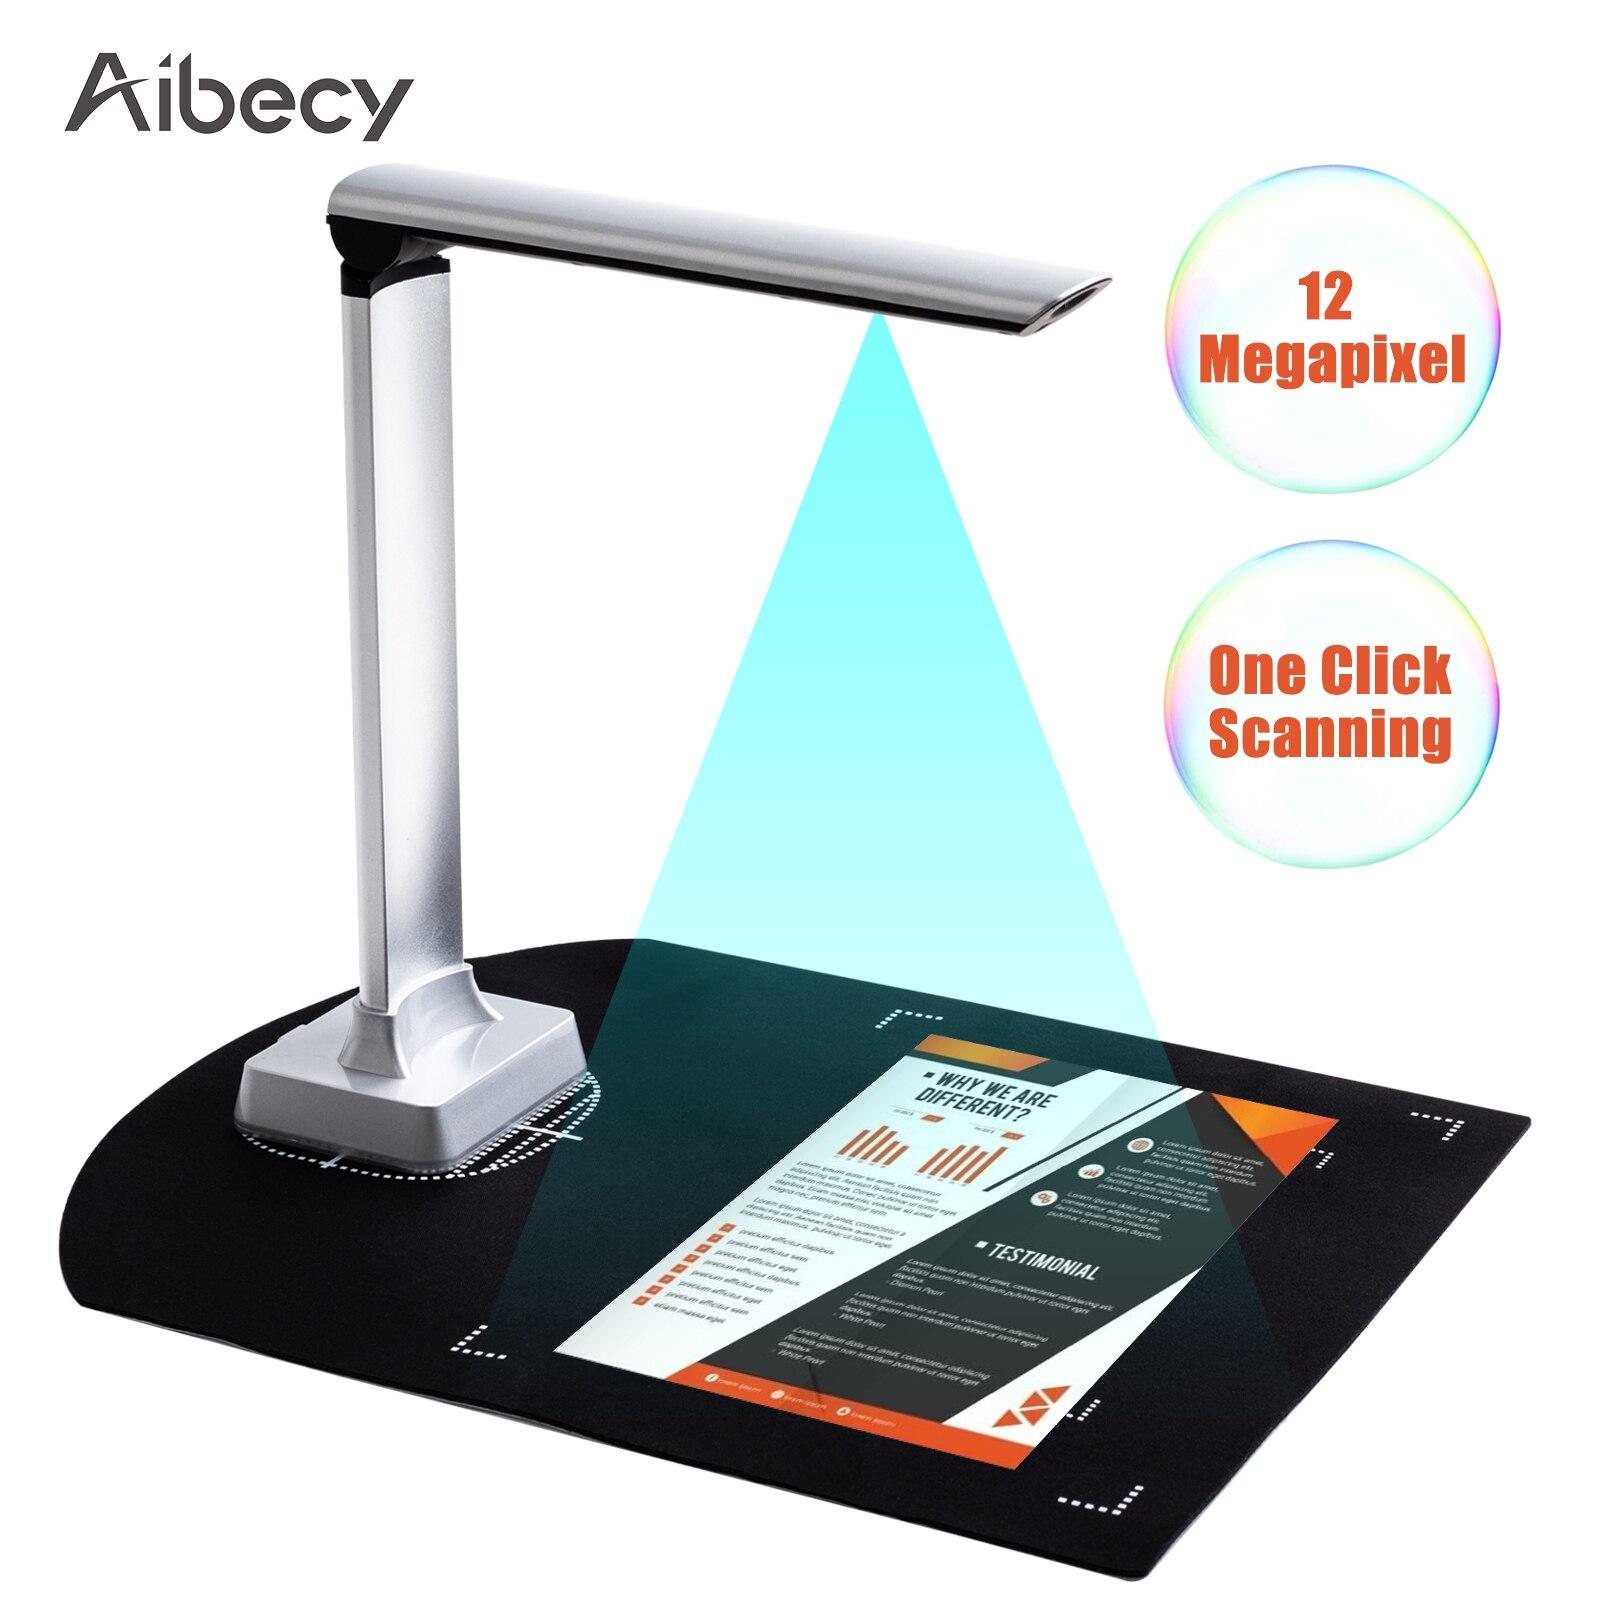 Aibecy Portable Document Camera HD 12 Mega-pixels Capture Size A4 Scanner USB 2.0 Port LED Light OCR Function Barcode Scanning